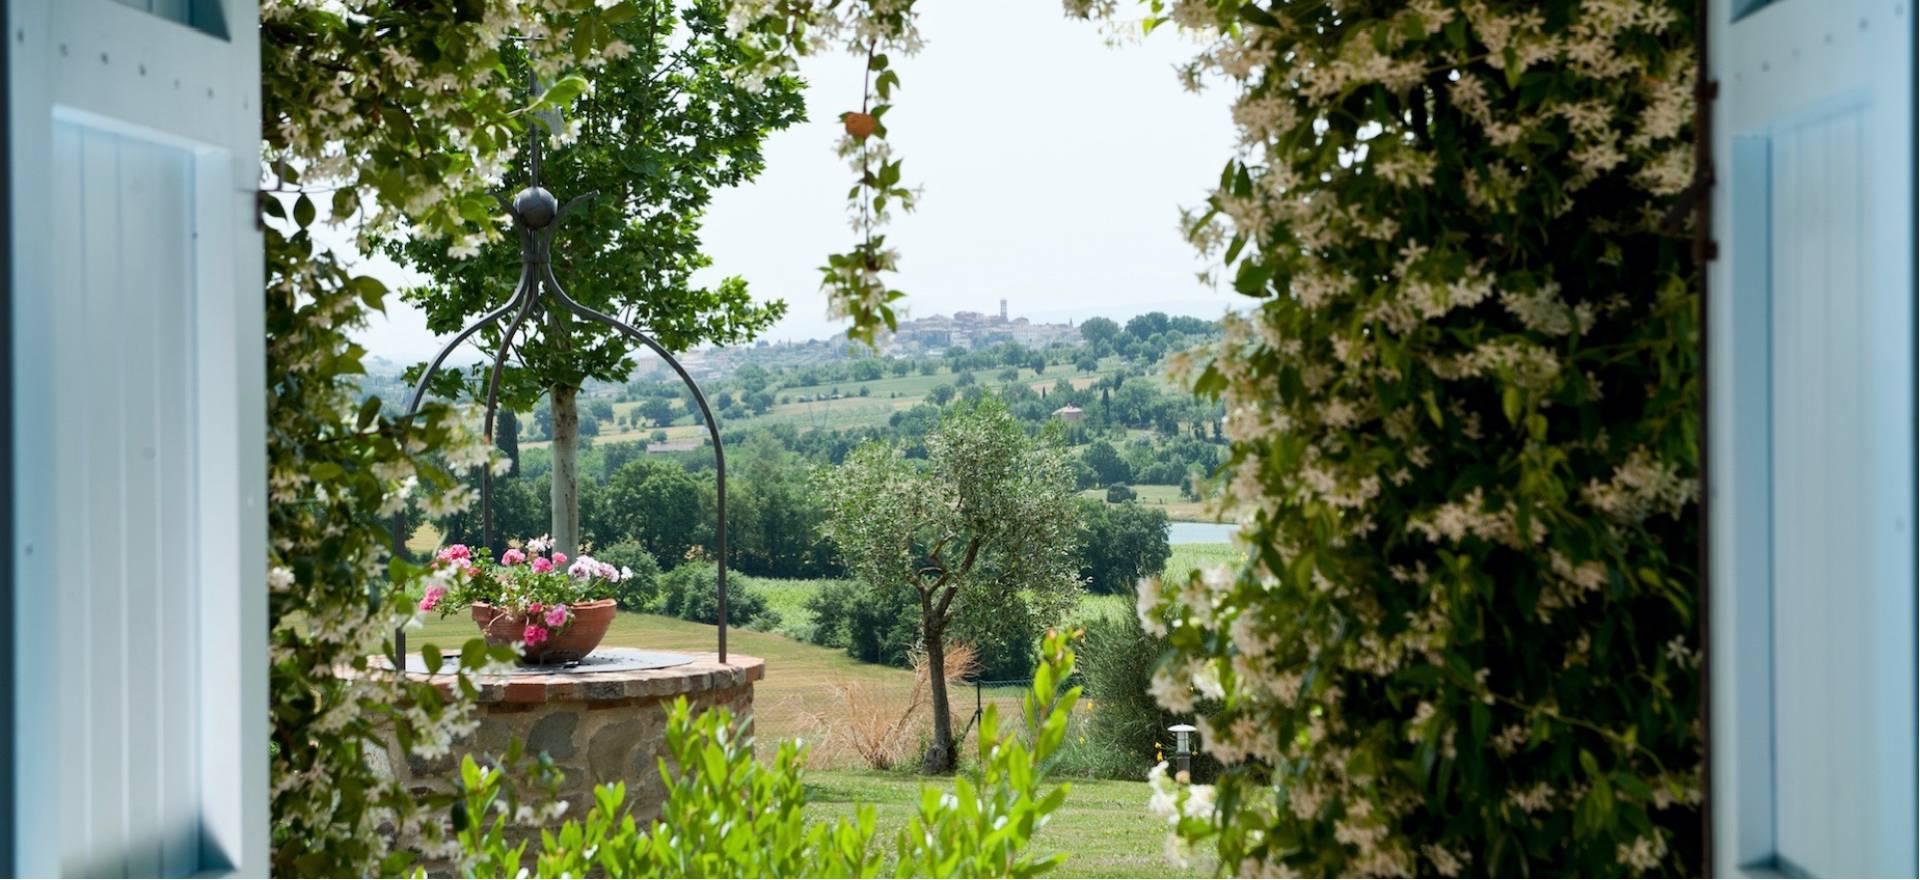 Agriturismo Toscane Agriturismo Toscane, bijzonder gastvrij en sfeervol